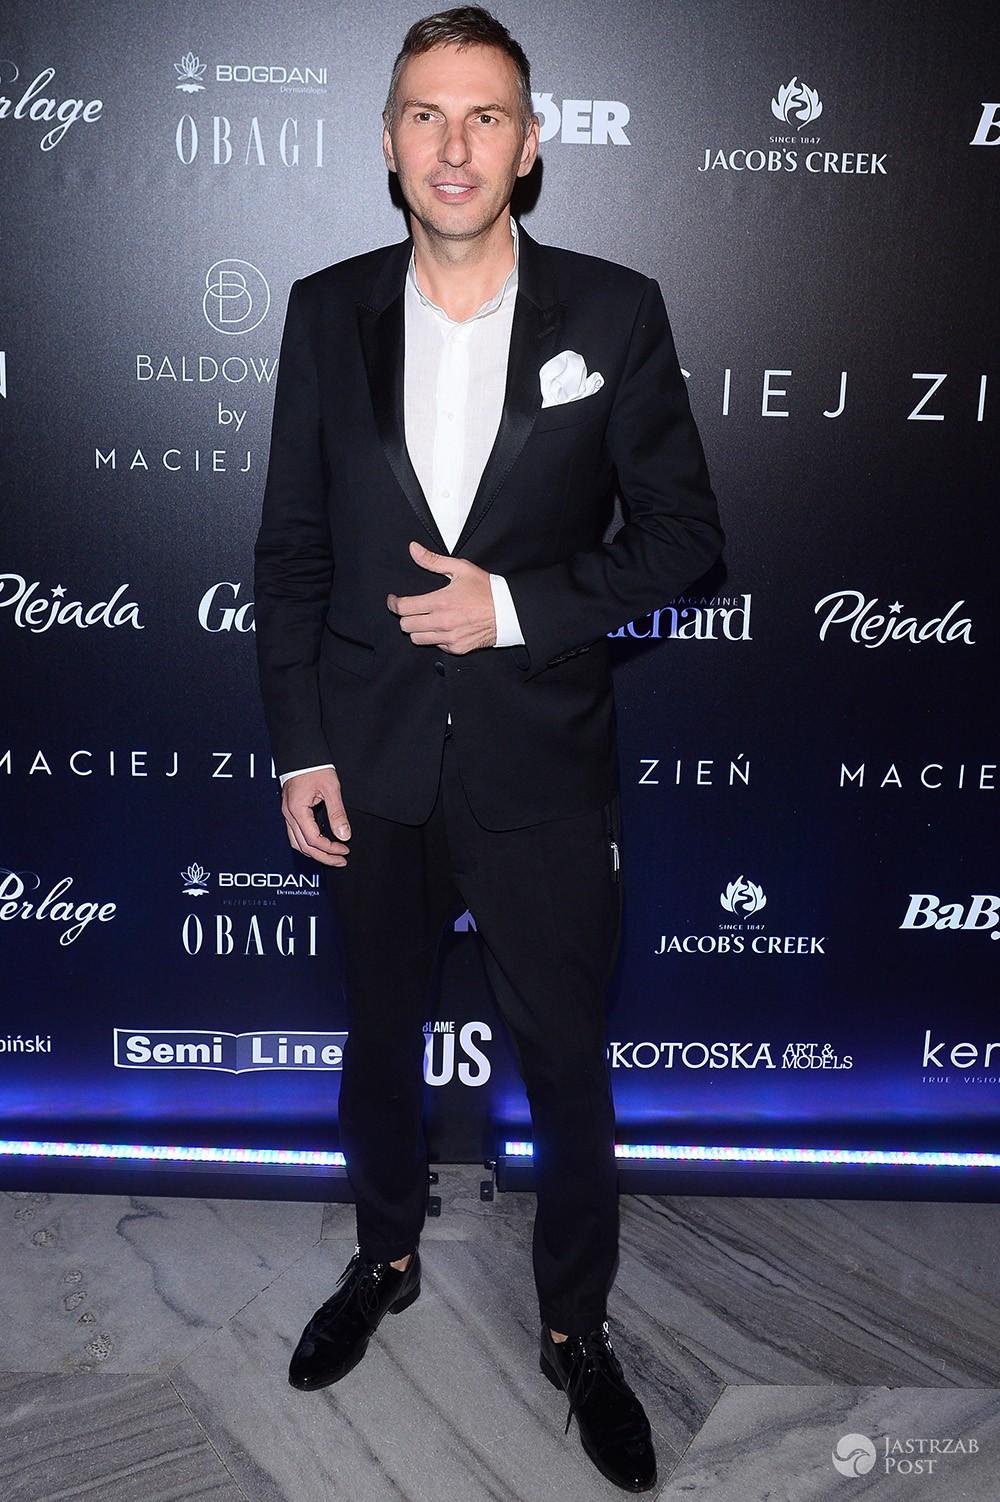 Krzysztof Gojdź - Maciej Zień pokaz 2017